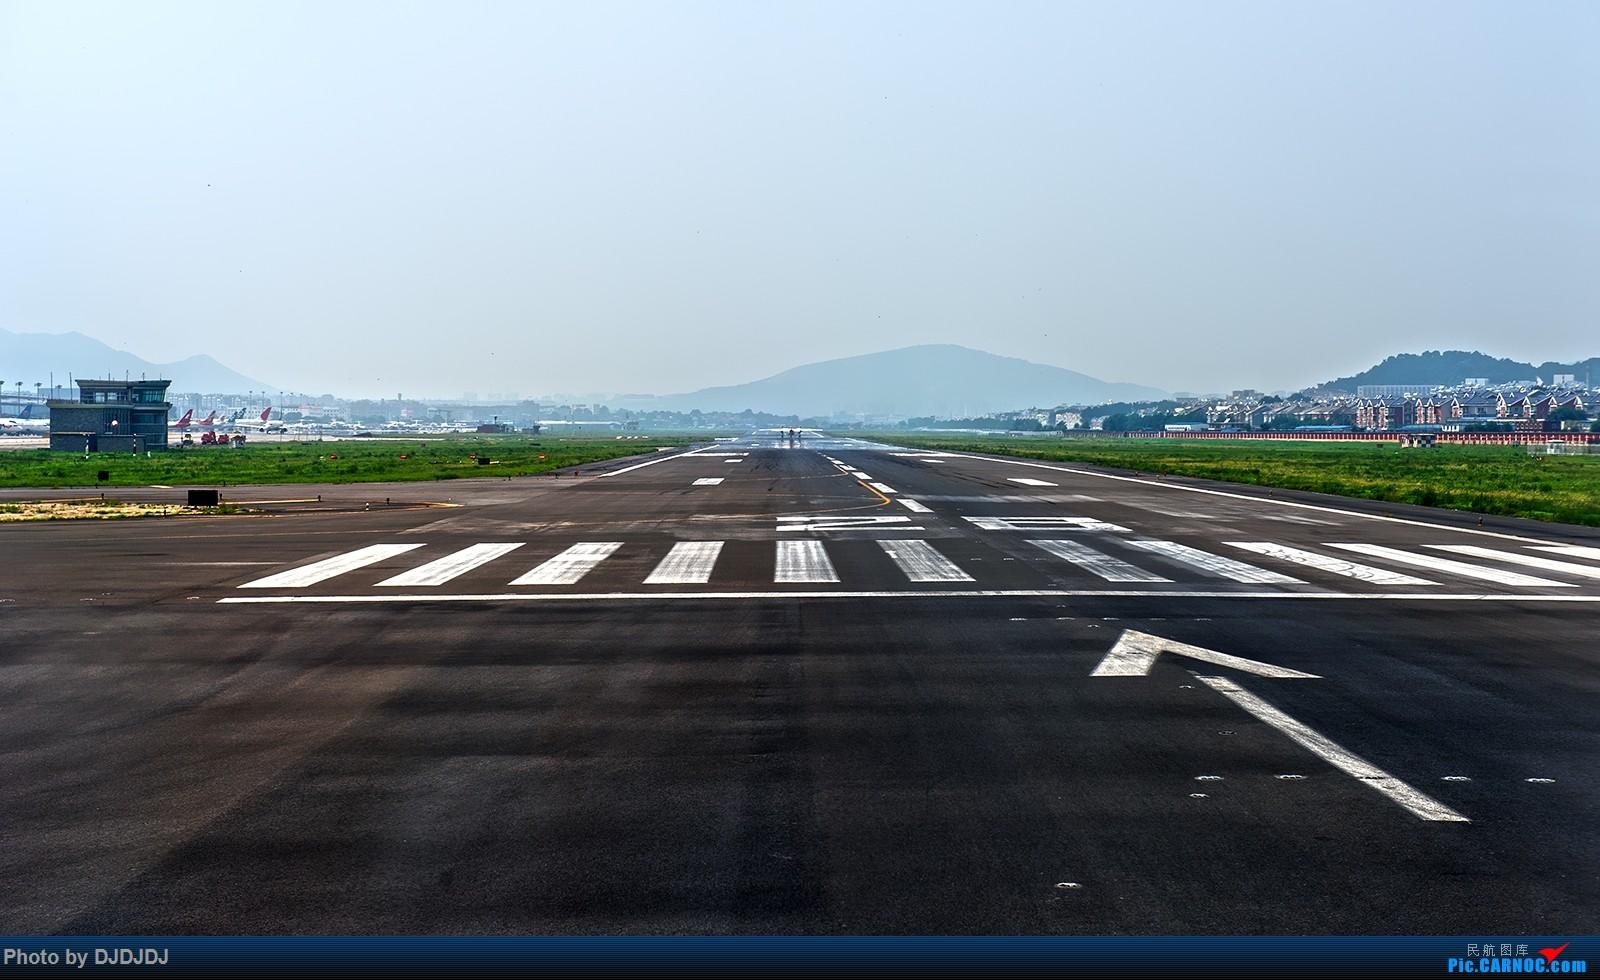 [原创]【BLDDQ】跑道28    中国大连周水子国际机场